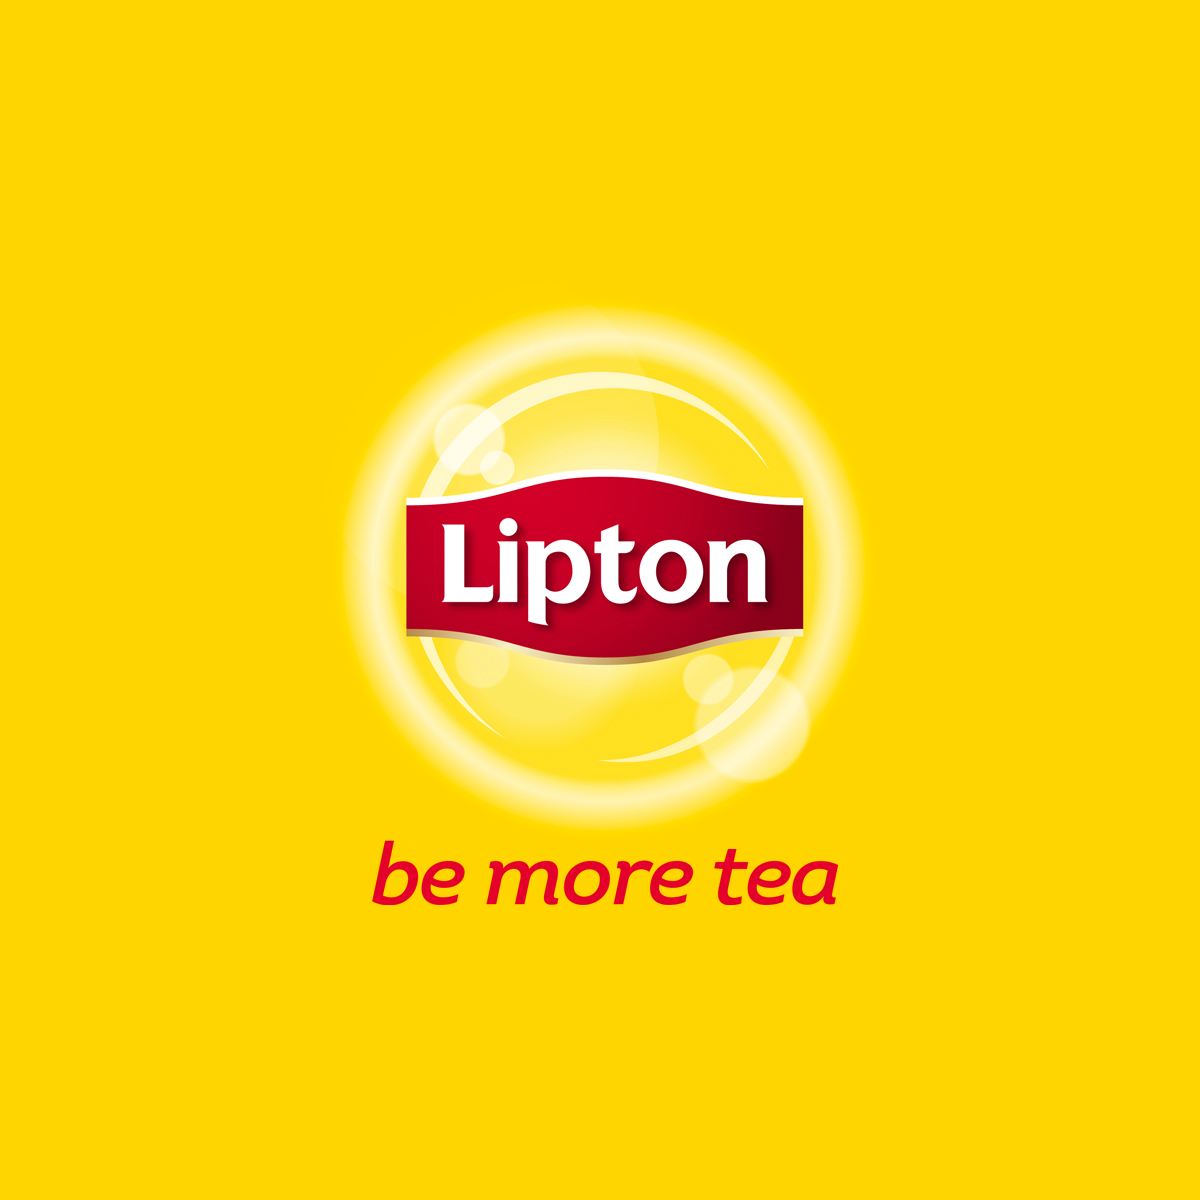 おいしい紅茶のいれ方 | 紅茶の専門家リプトン(Lipton)